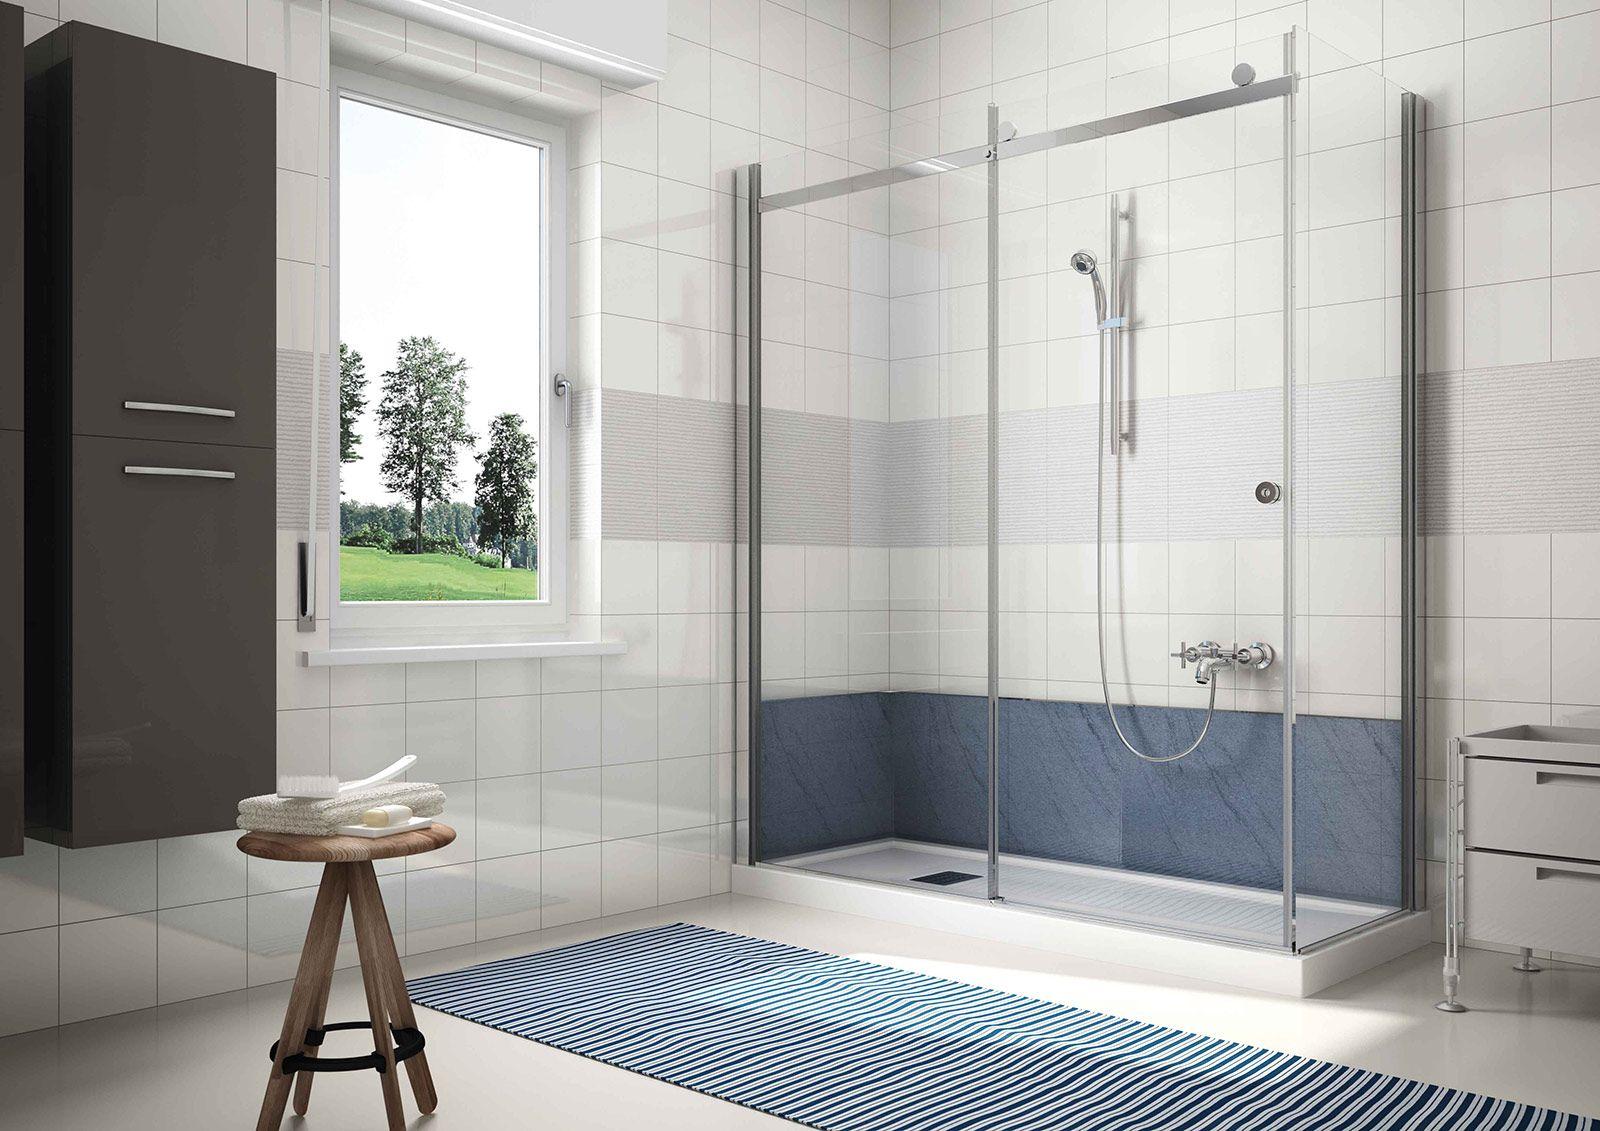 Vasca Da Bagno Grandform : Vasche da bagno idromassaggio e saune grandform moretti firma la